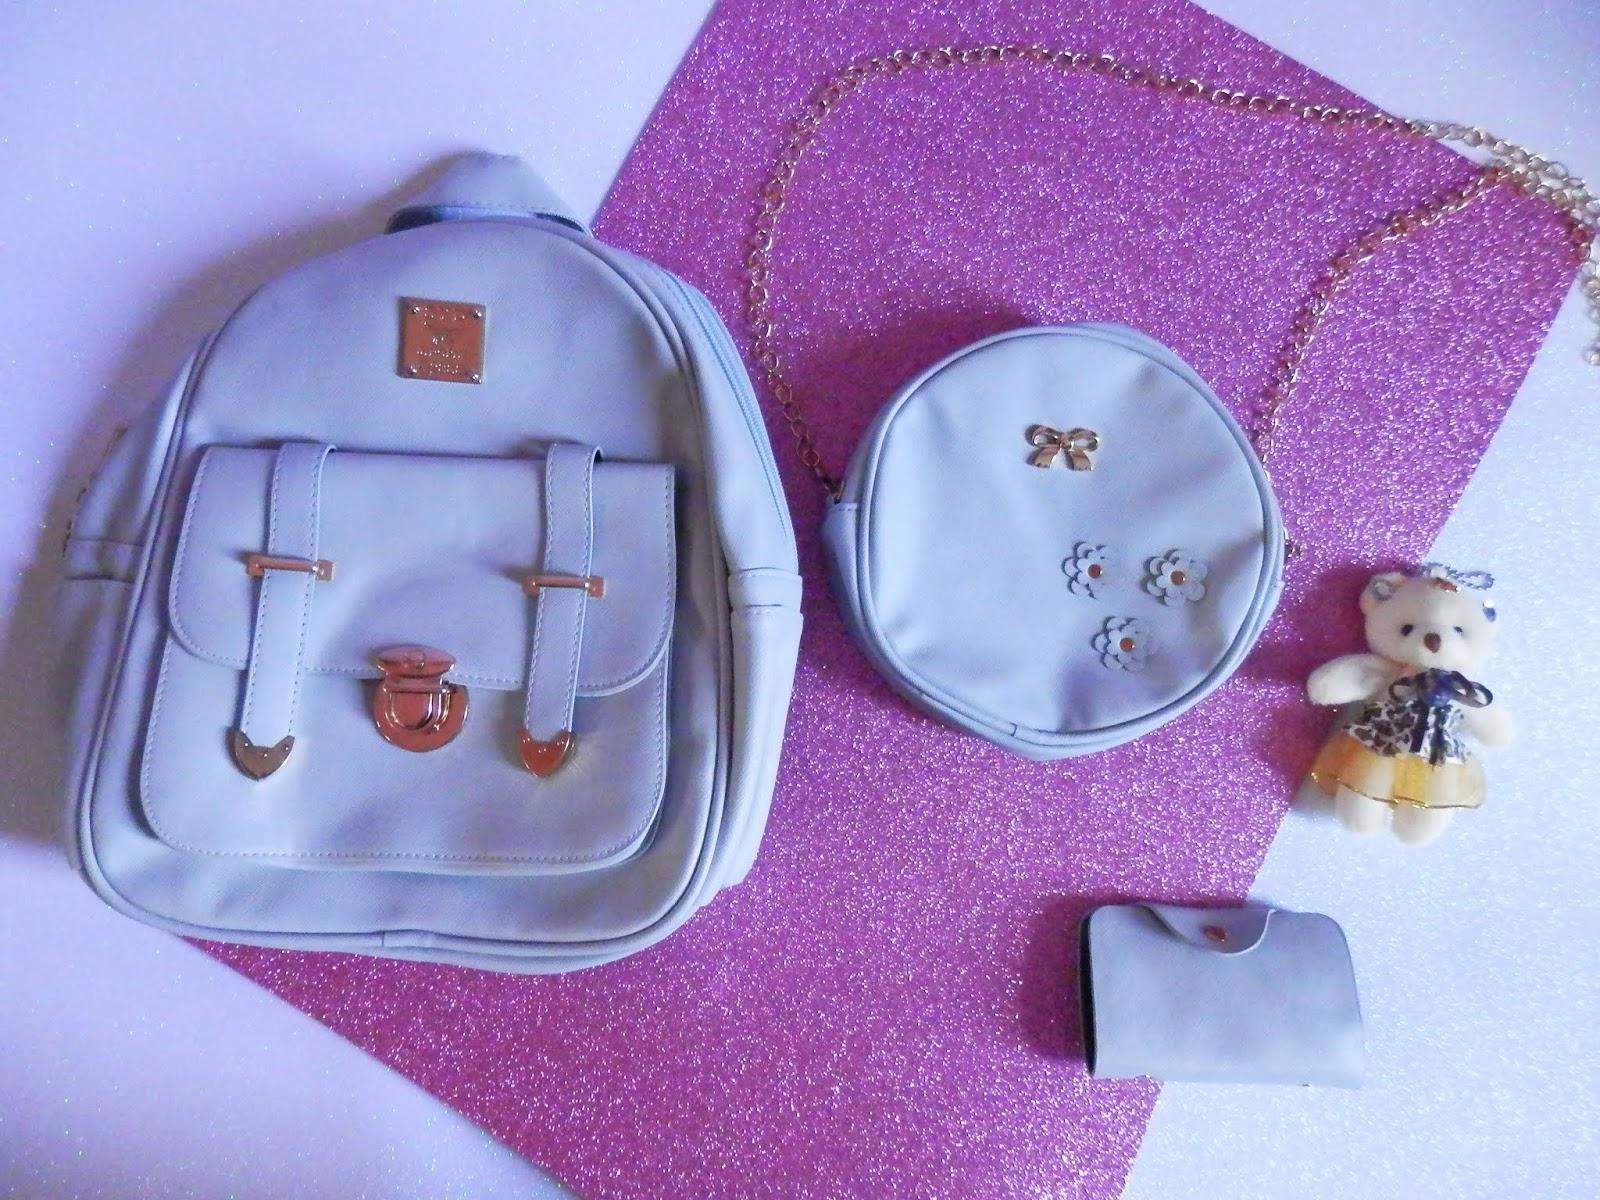 mochila, bolsa e carteira gamiss da china